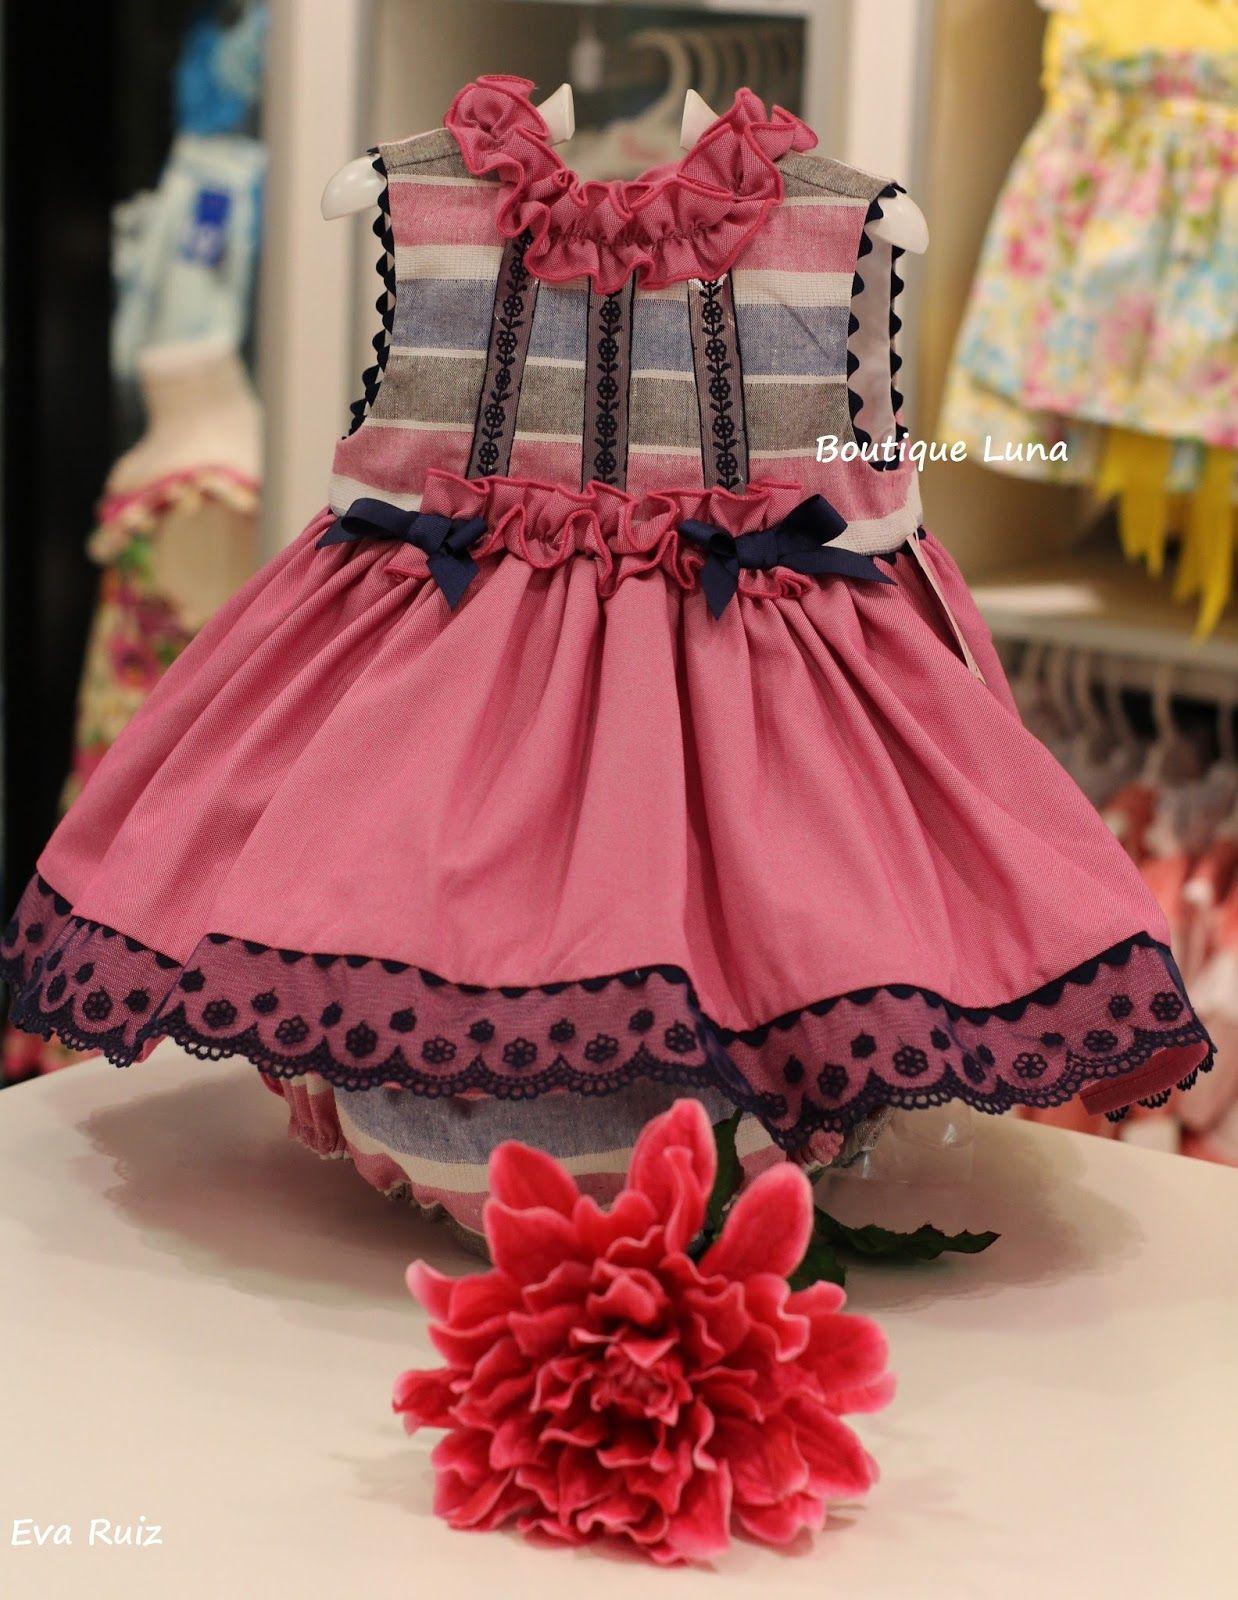 Boutique de vestidos de fiesta en benidorm